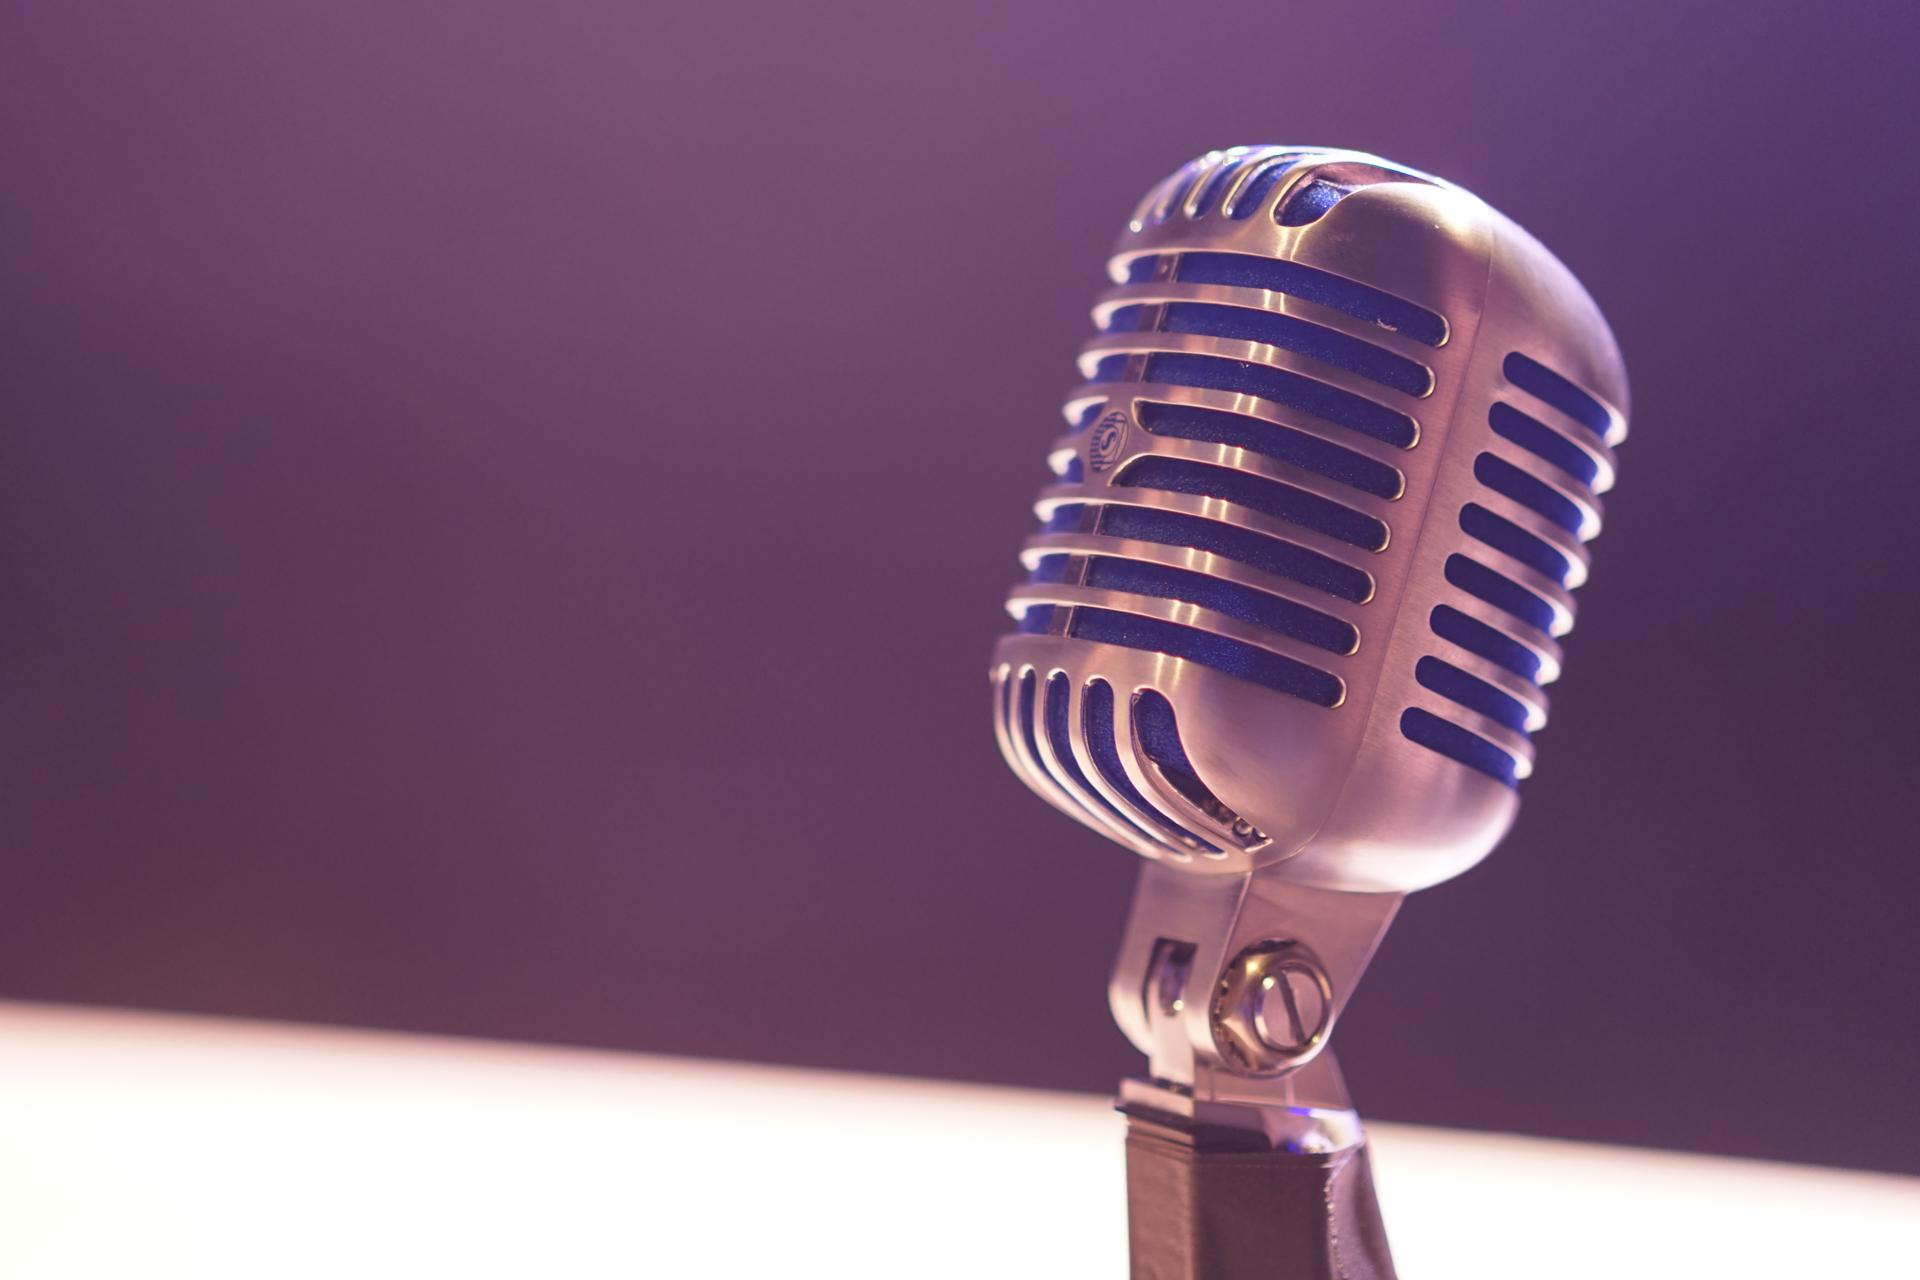 microphoneresize